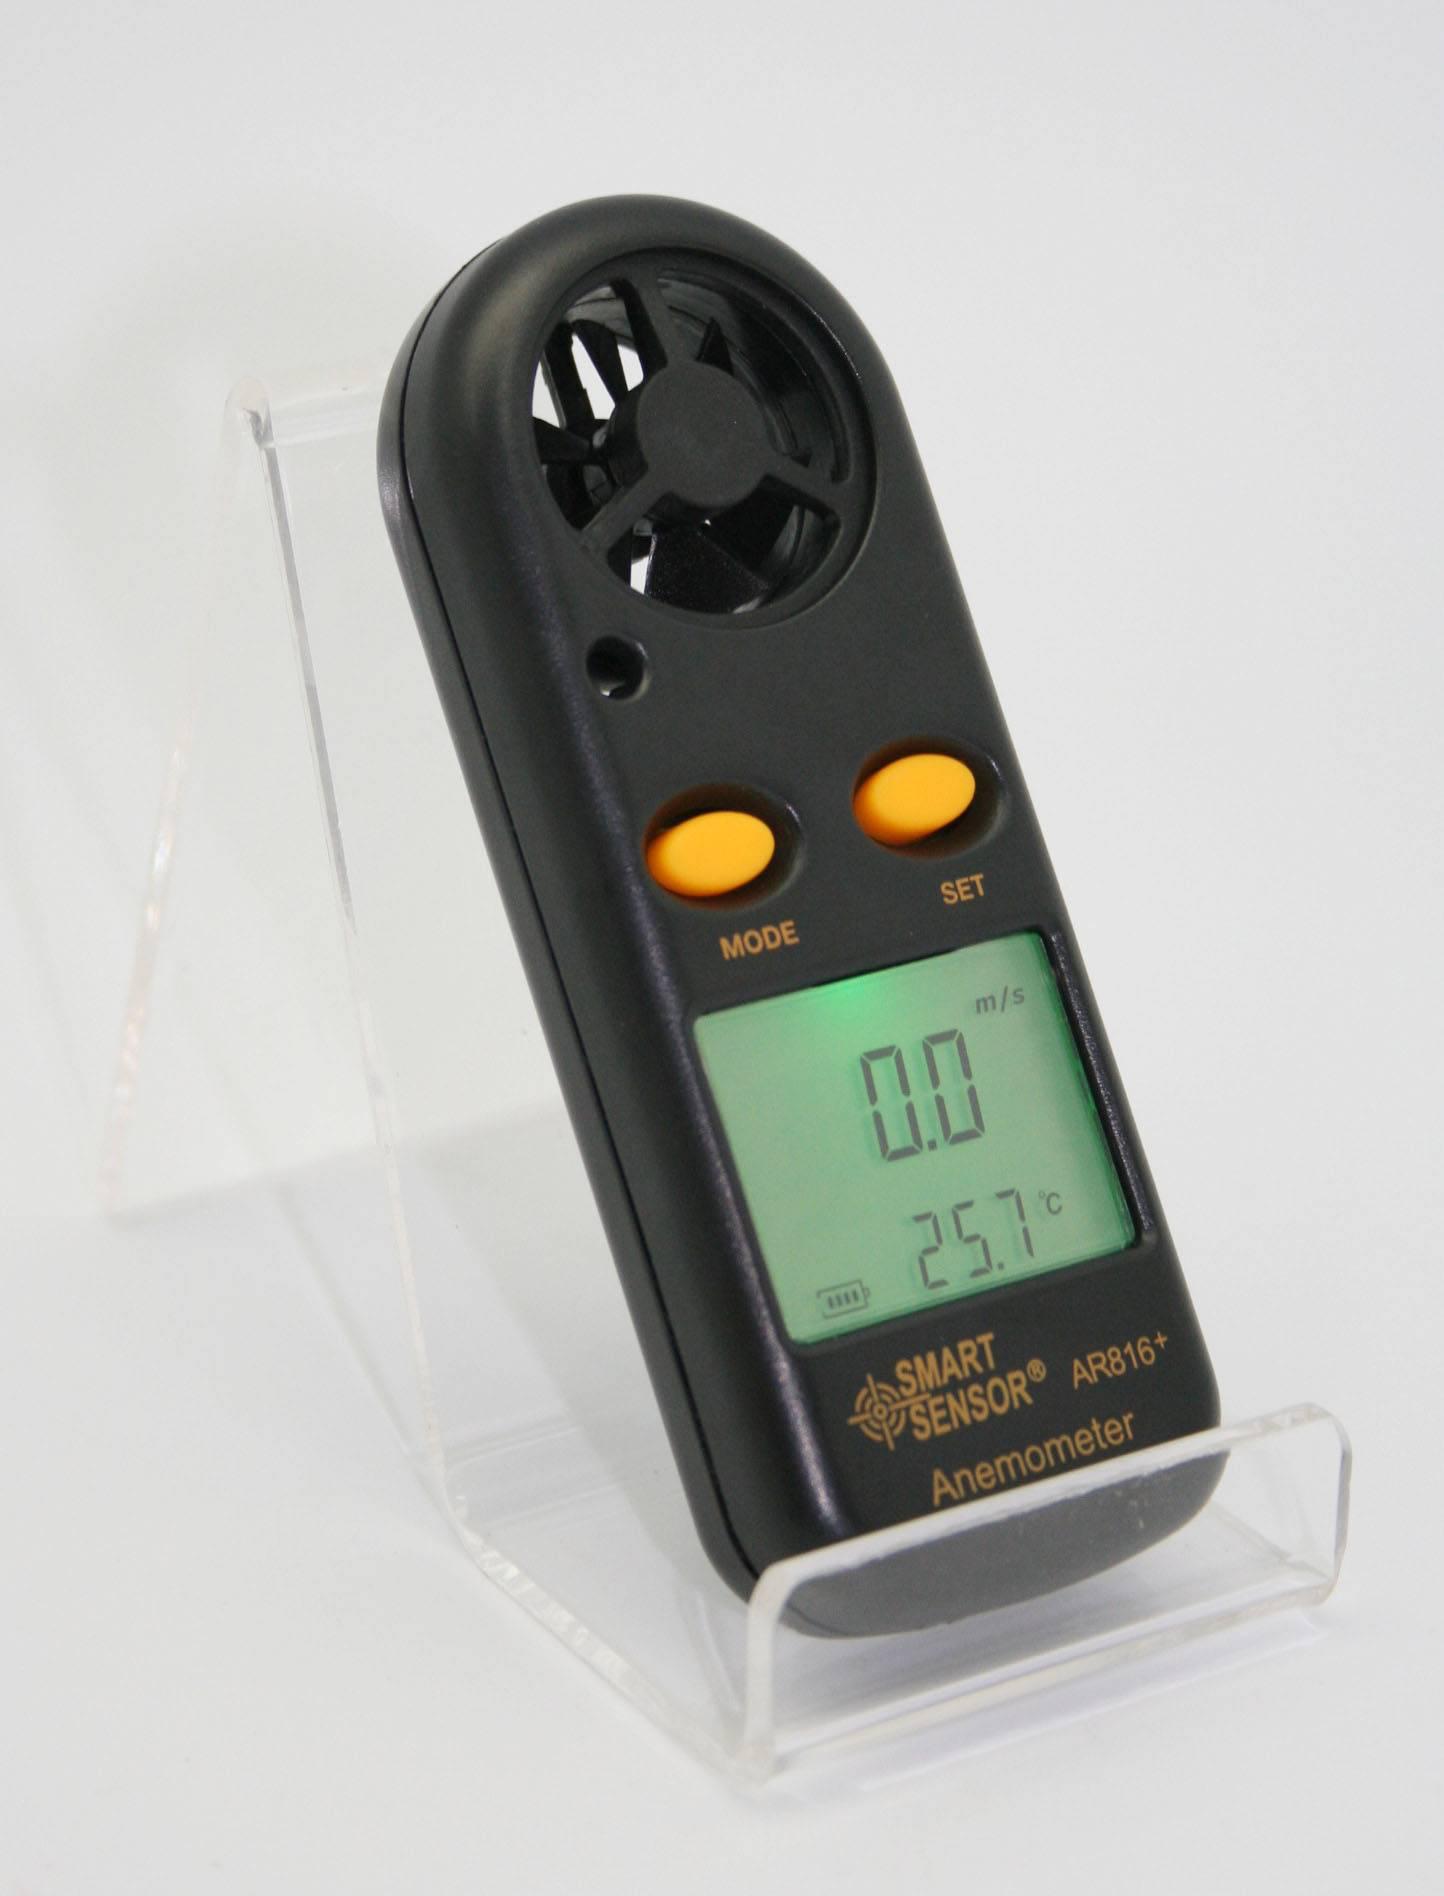 Smart Sensor Air Flow Anemometer AR816+